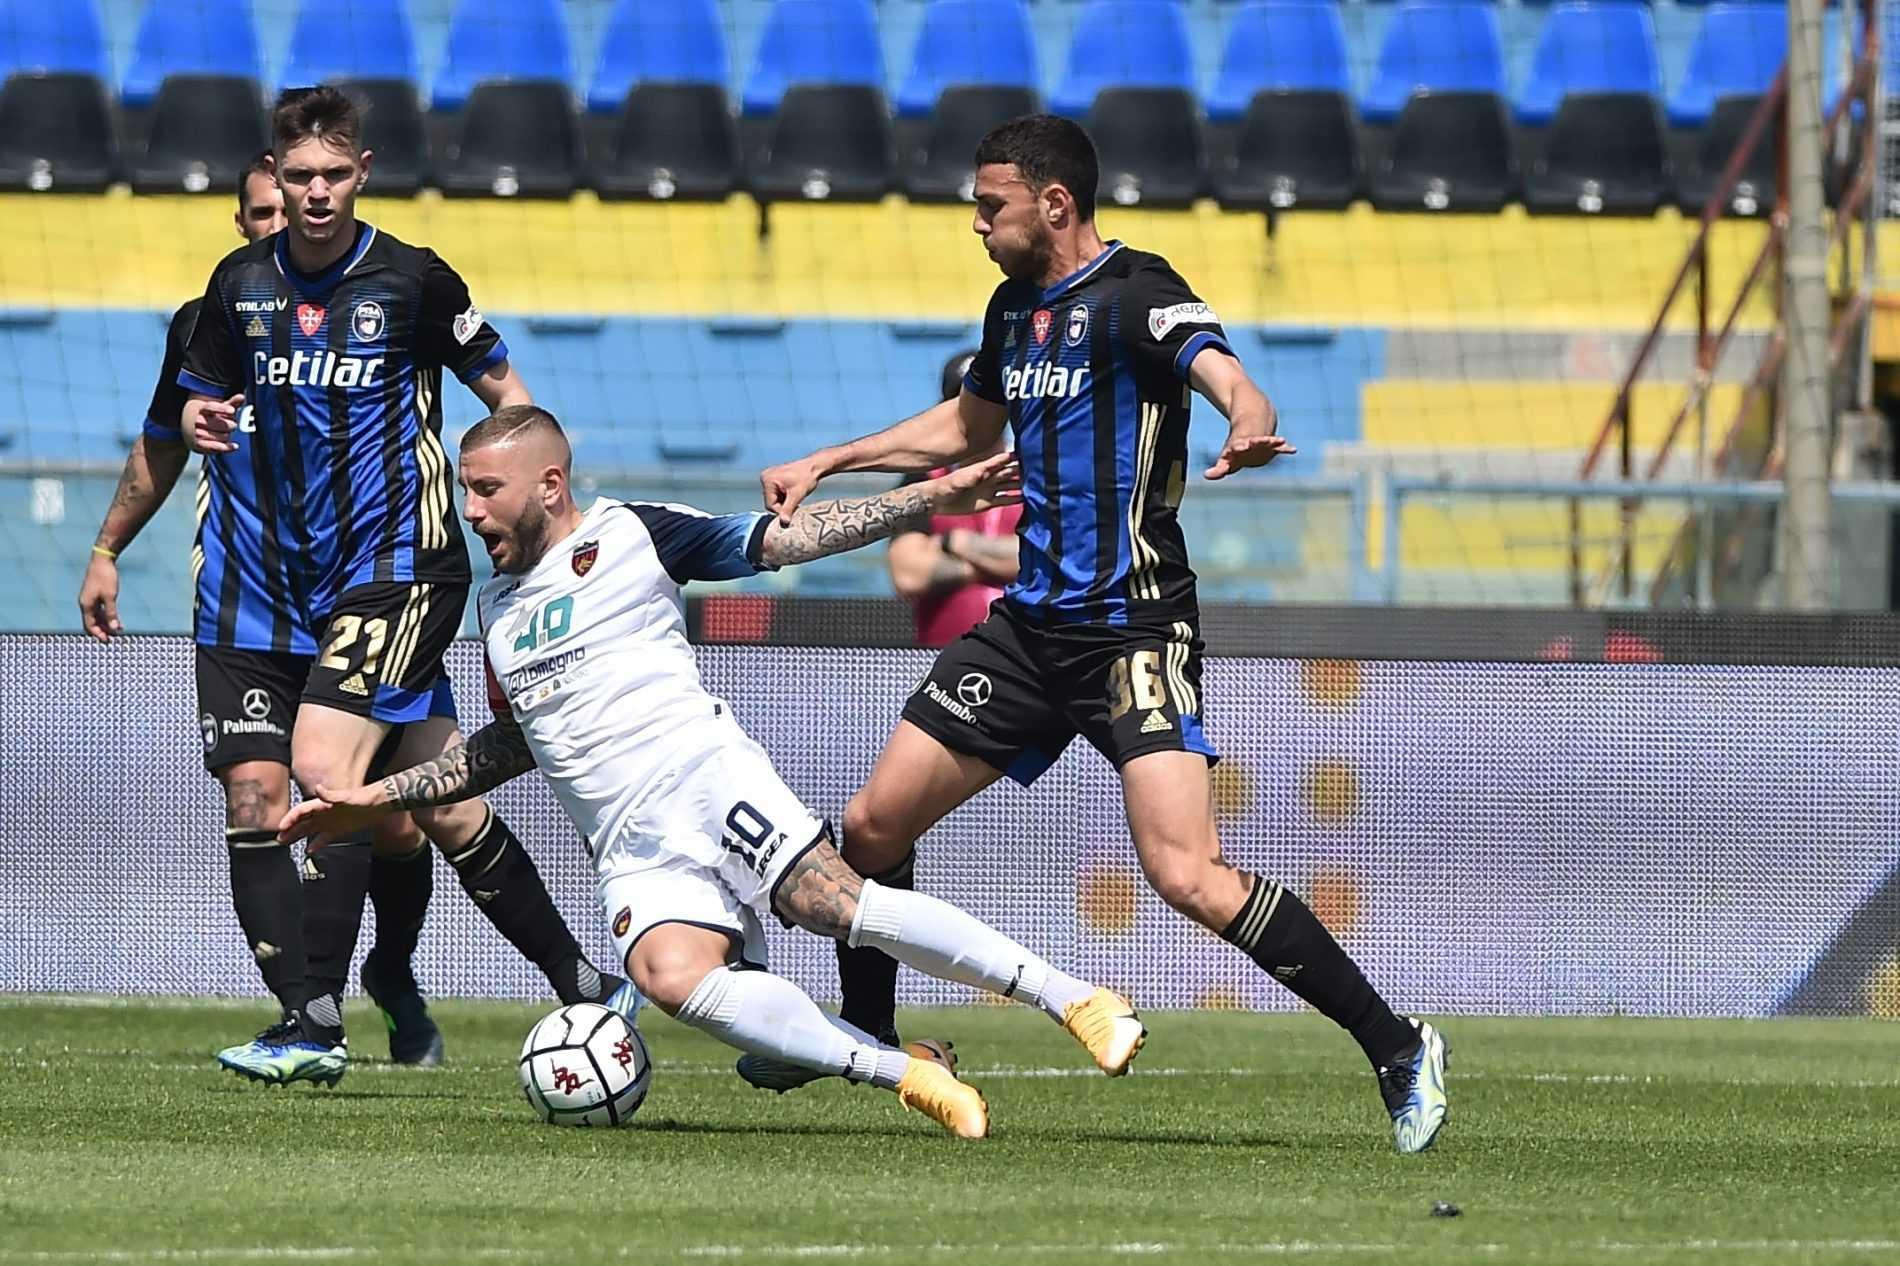 Serie B, giornata 34: la Salernitana tiene il passo del Lecce